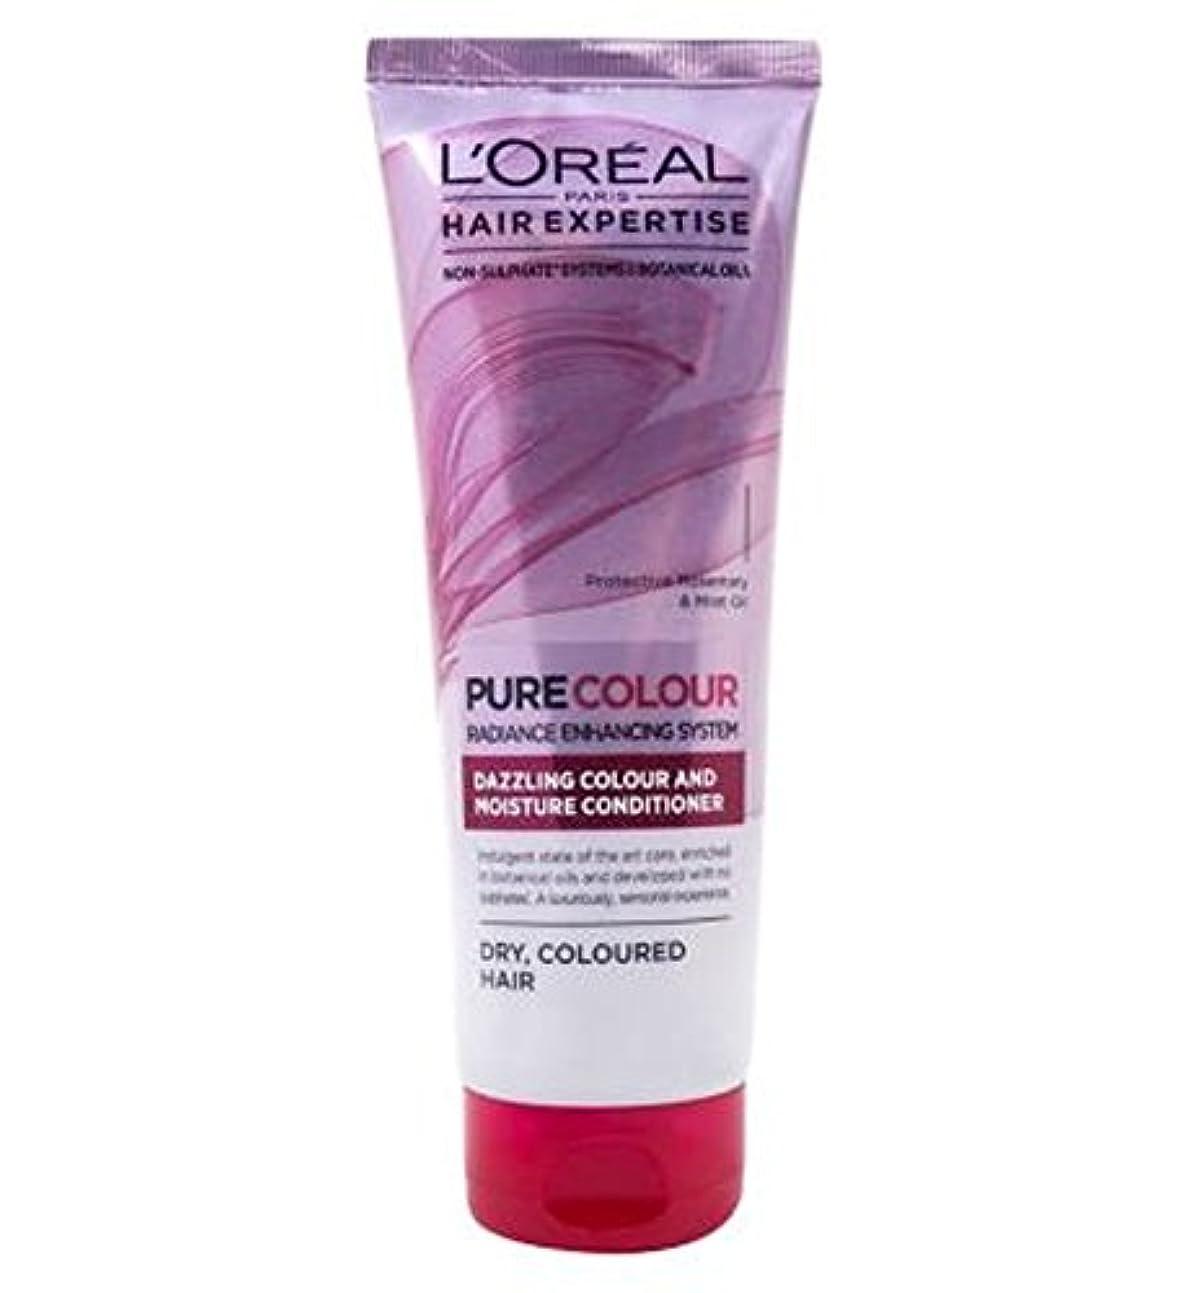 音楽を聴くパトロン海港L'Oreal Paris Hair Expertise SuperPure Colour Care & Moisture Conditioner 250ml - ロレアルパリの髪の専門知識の超純粋なカラーケア&水分コンディショナー...